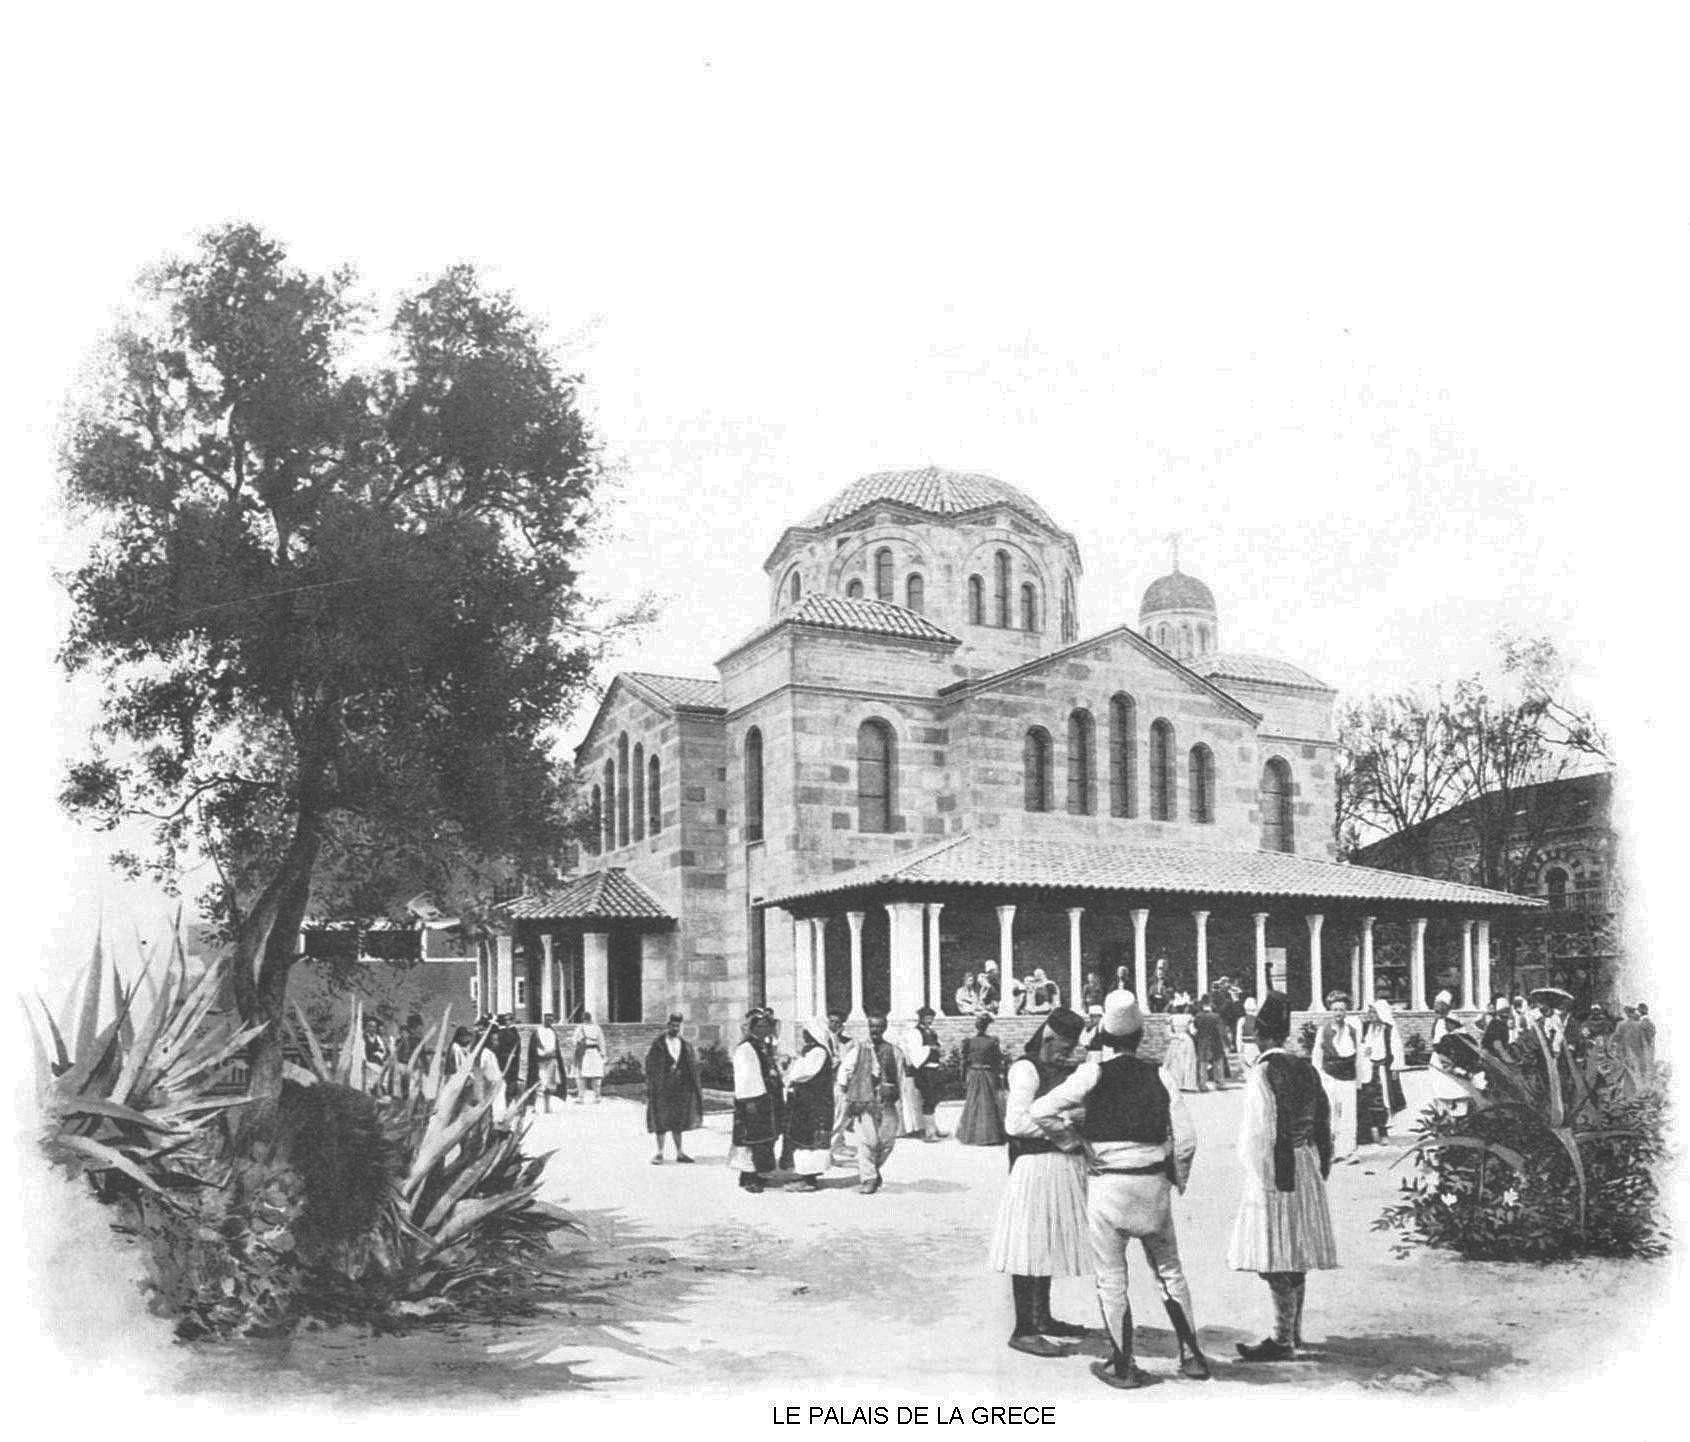 Le palais de la grece